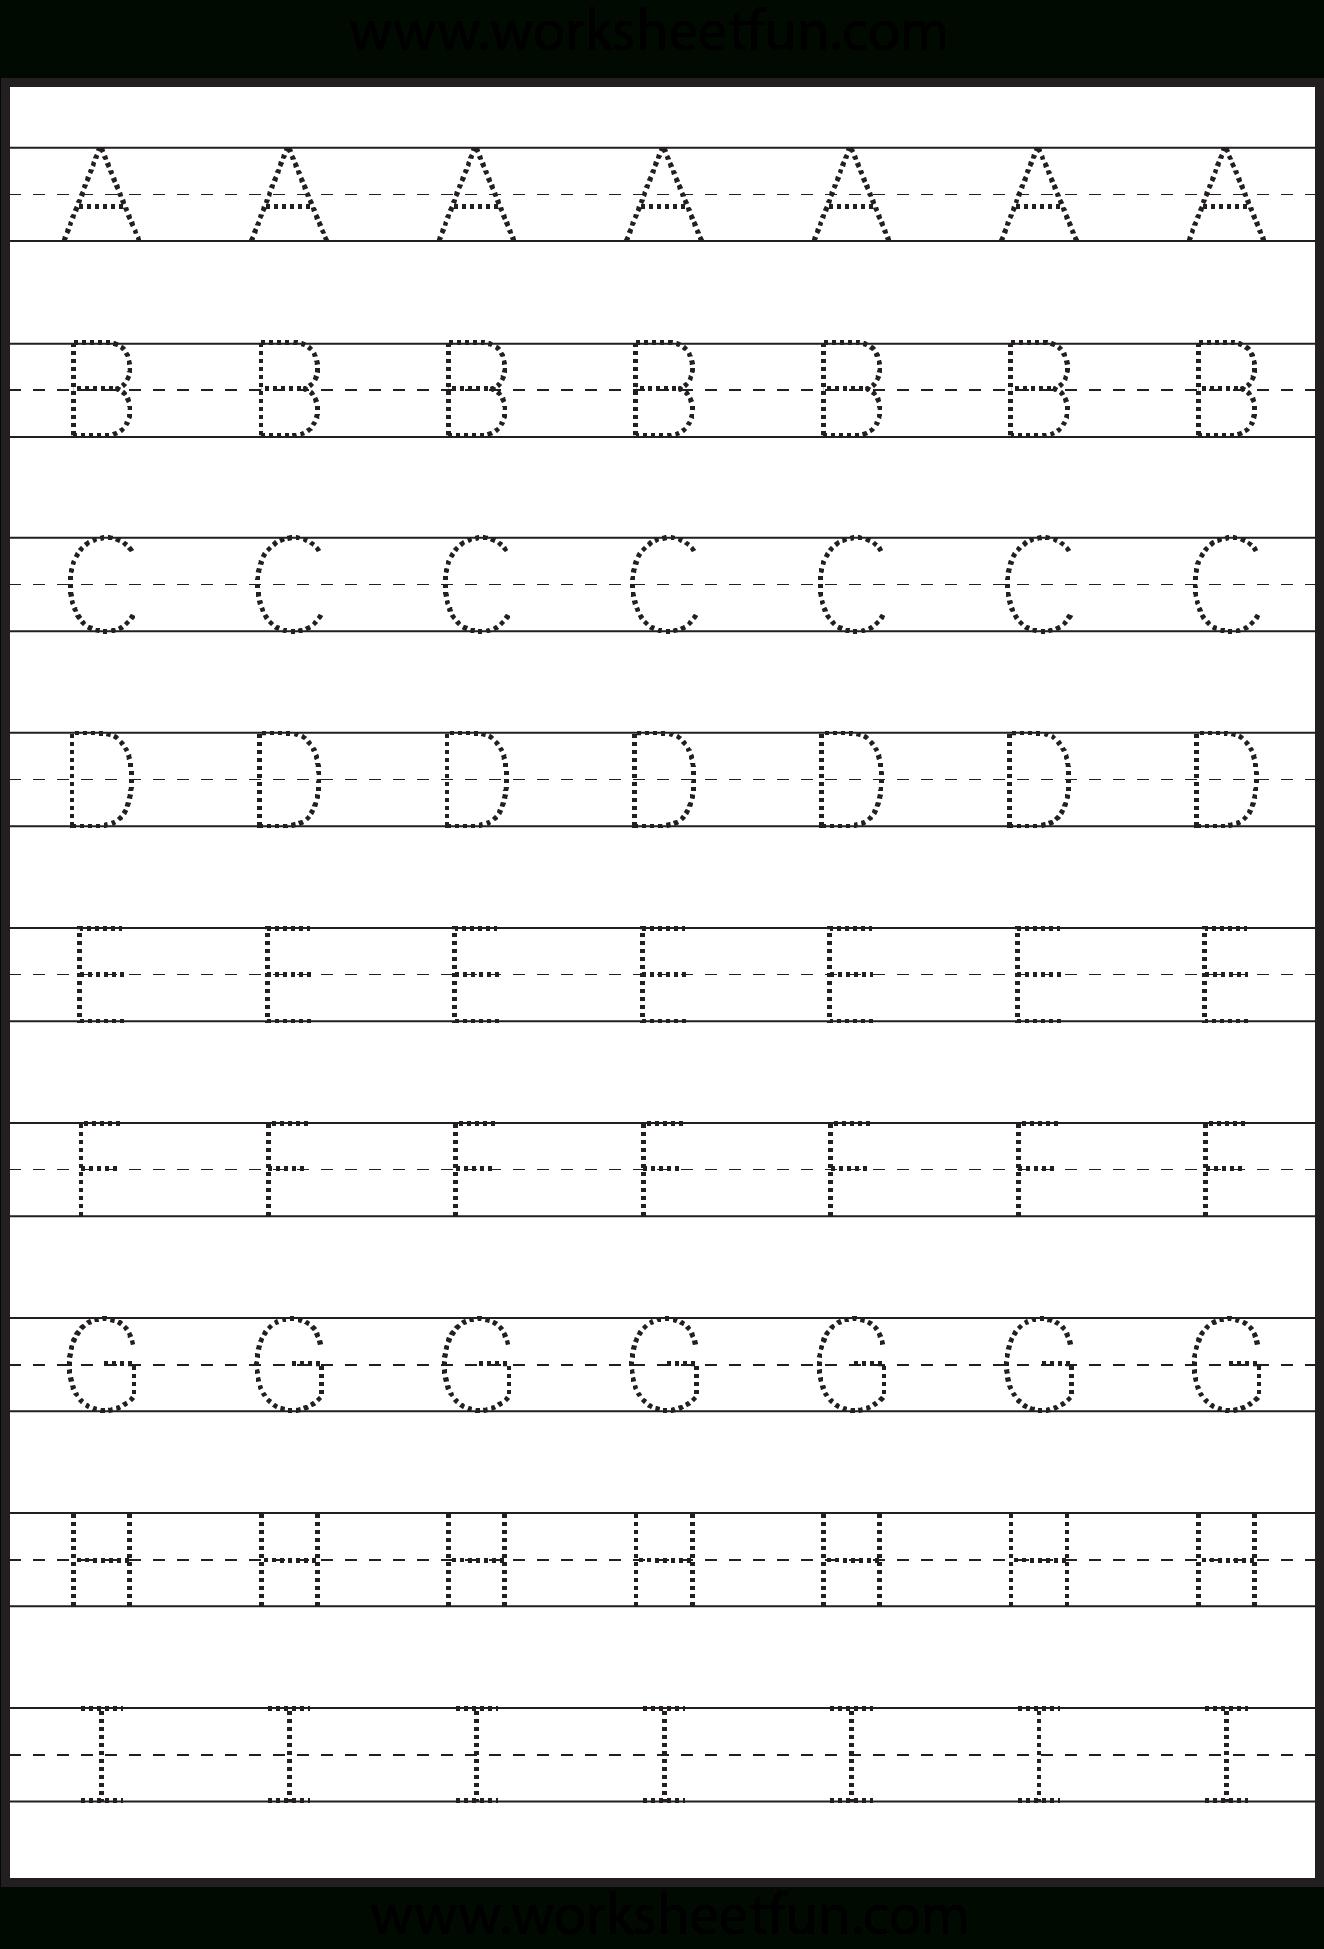 Letter Tracing - 3 Worksheets | Kids Math Worksheets regarding Letter Tracing Worksheets Australia